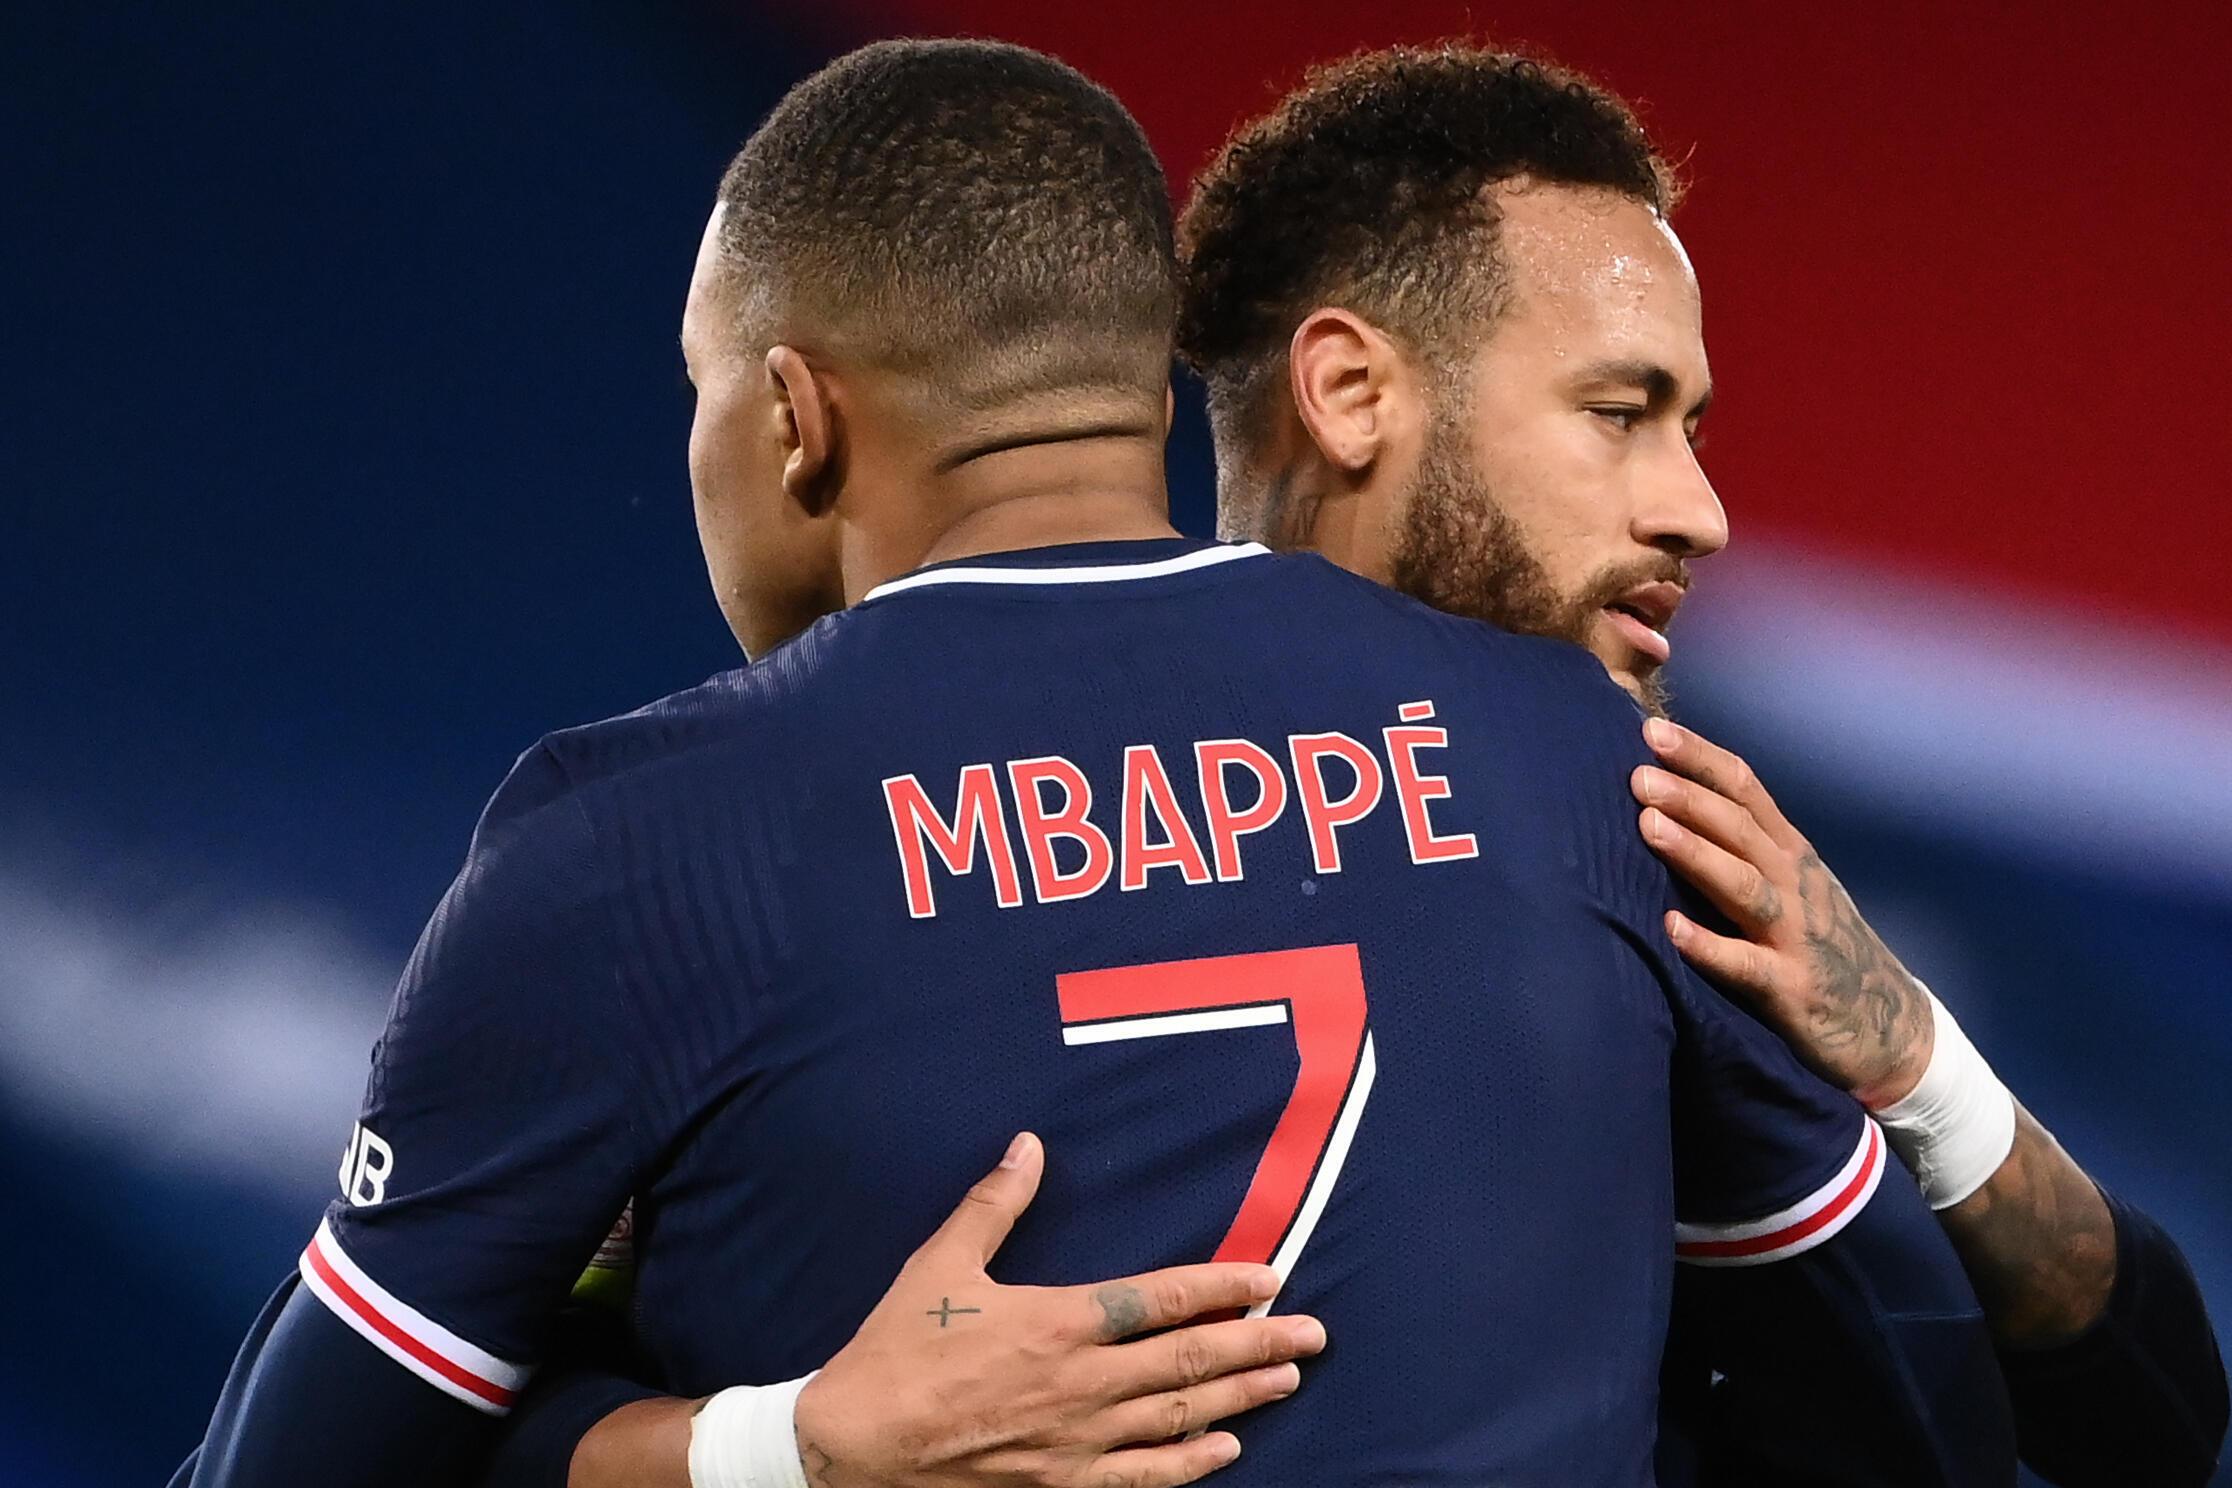 Les attaquants du PSG Kylian Mbappé et Neymar contre Dijon, le 24 octobre 2020 au Parc des Princes